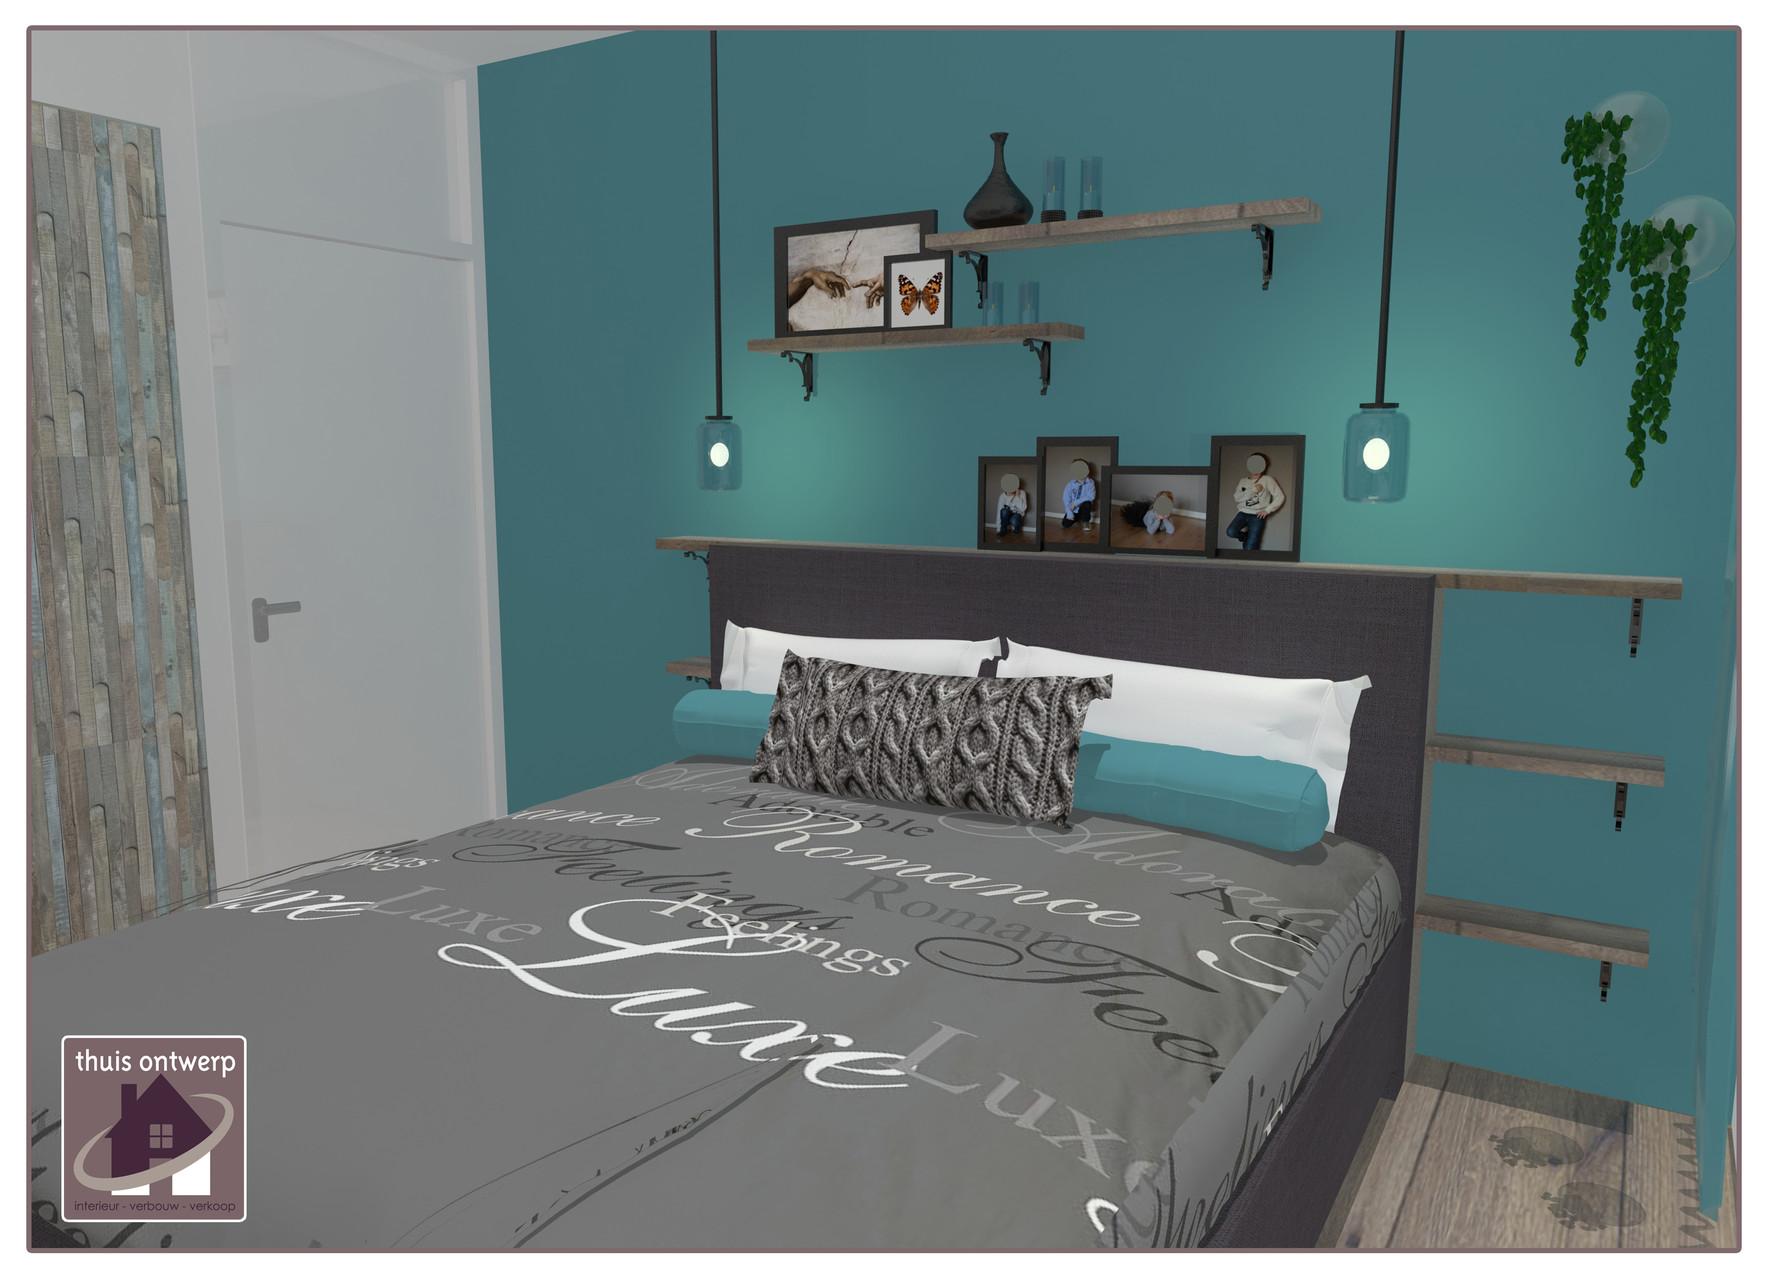 Slaapkamer Ideeen Turquoise : Visualisatie interieur en styling advies op maat